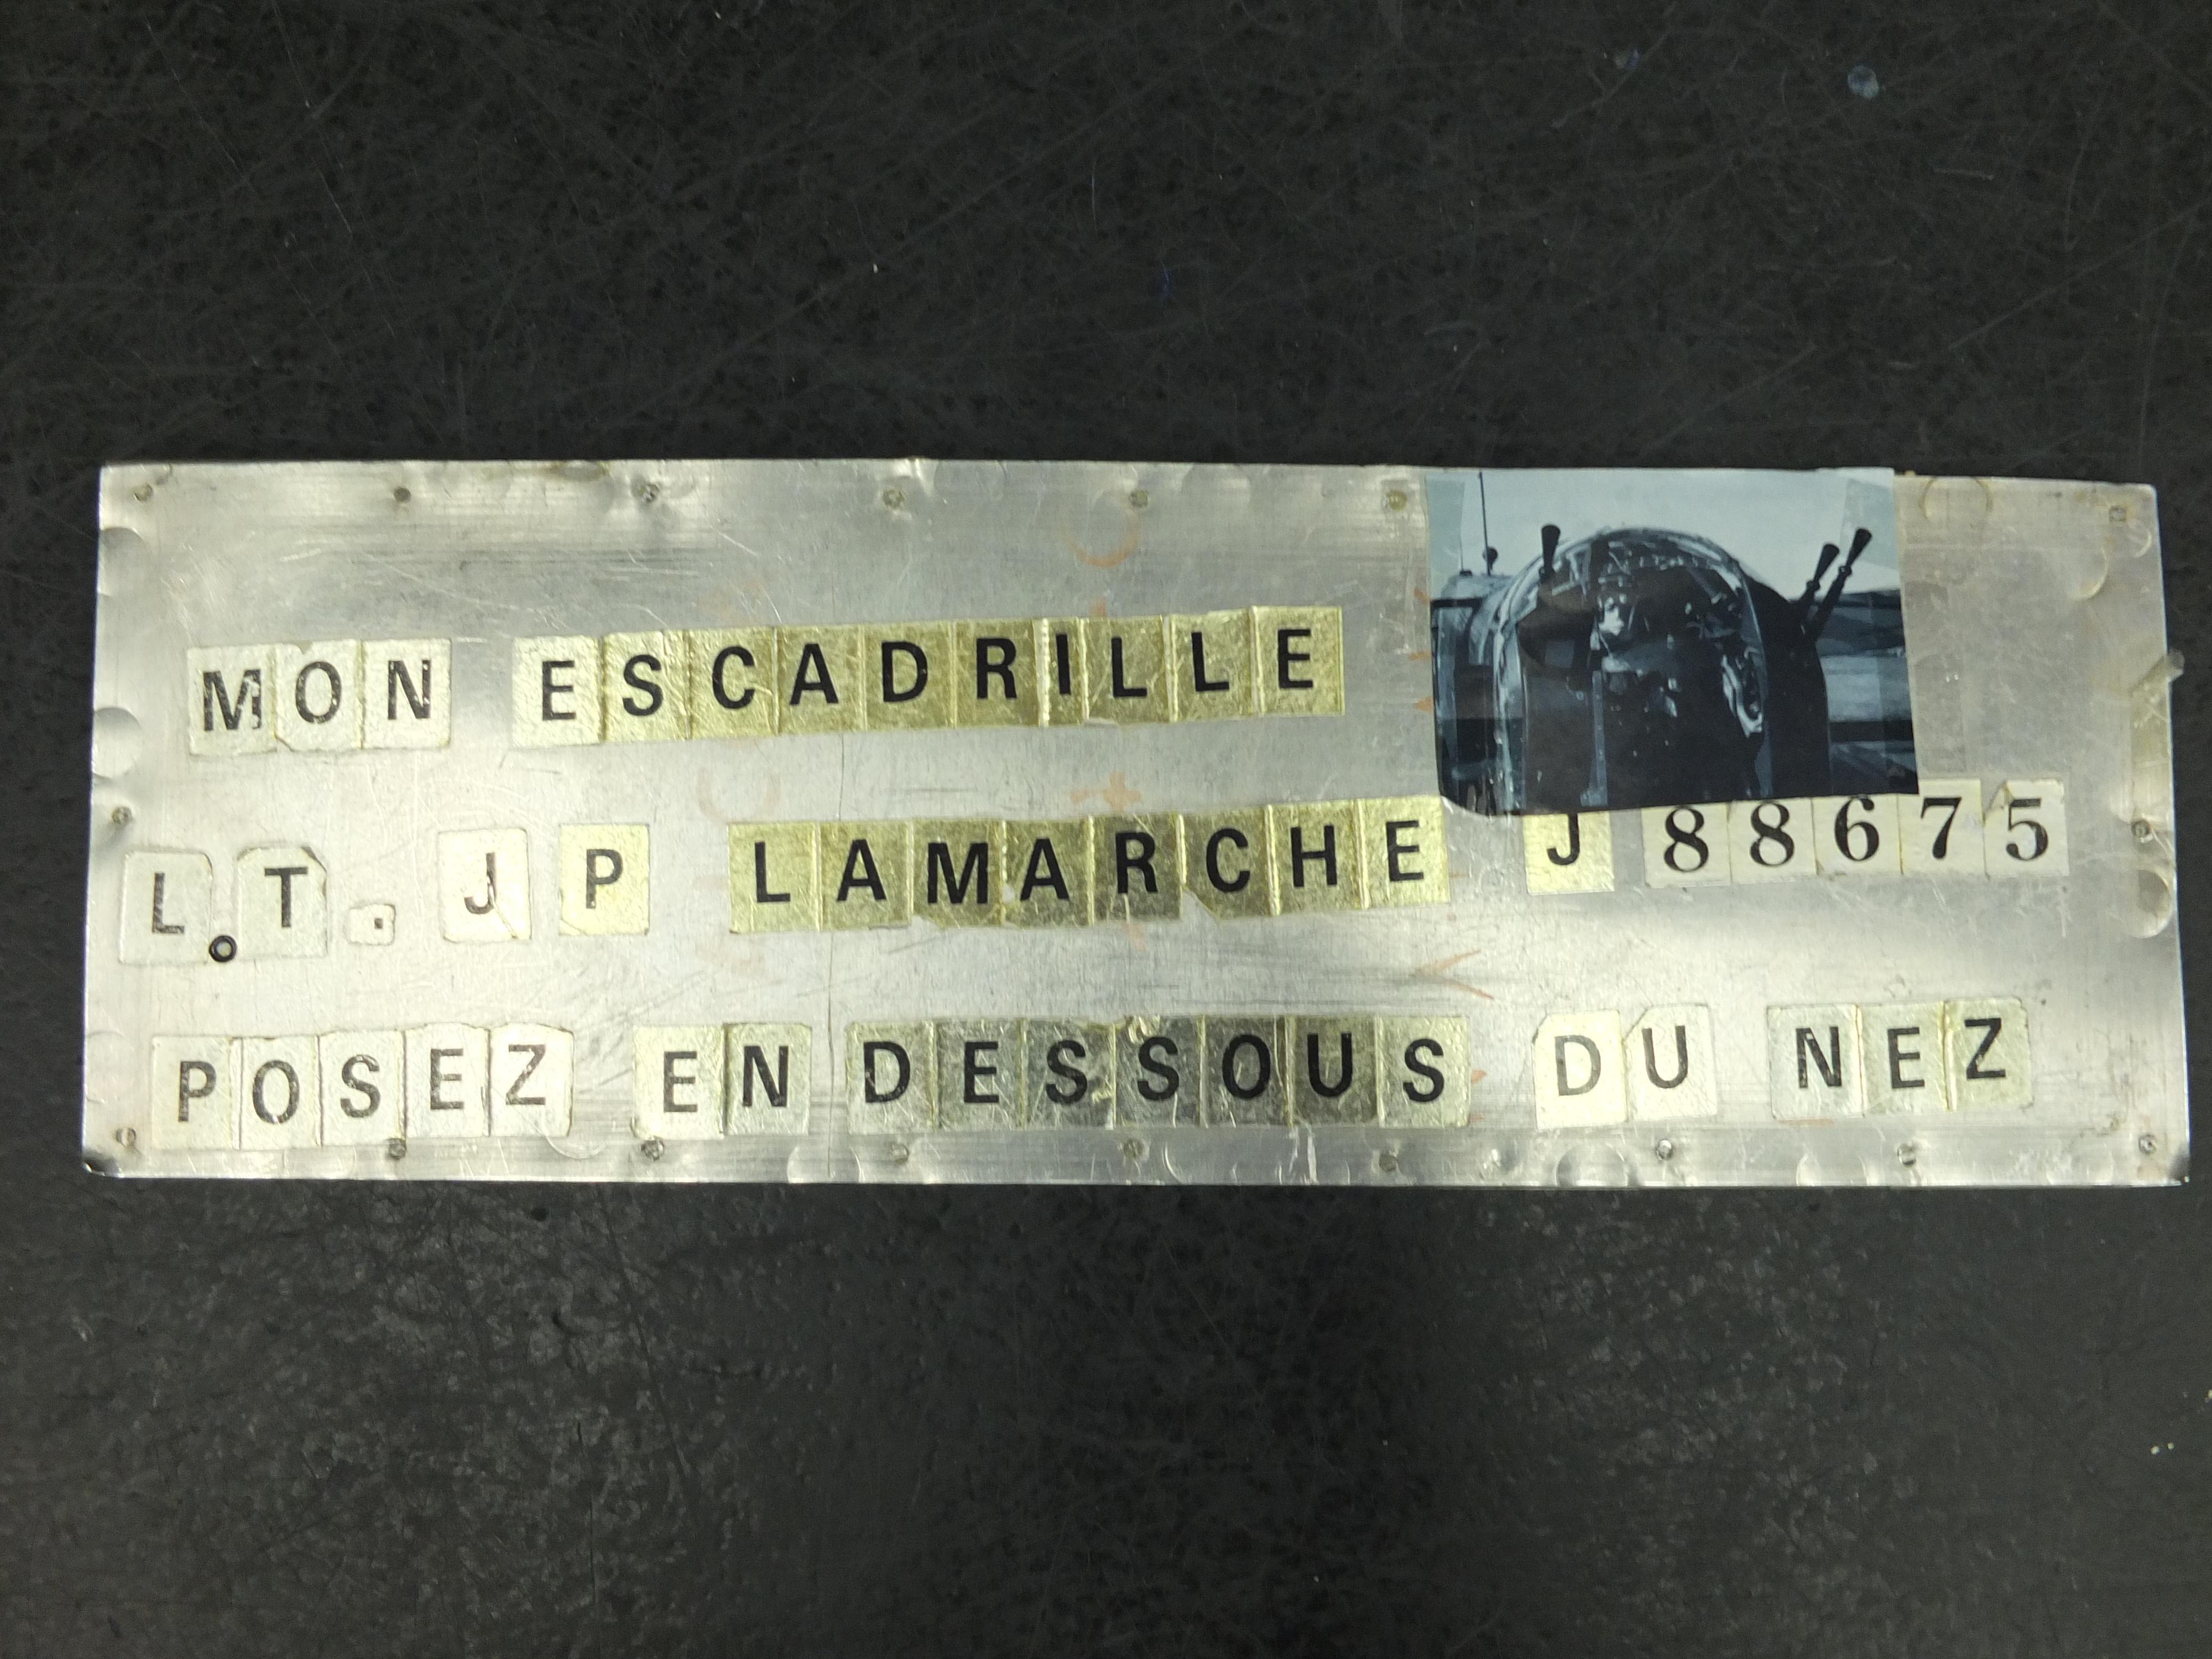 DSCF8591 - Copie.JPG